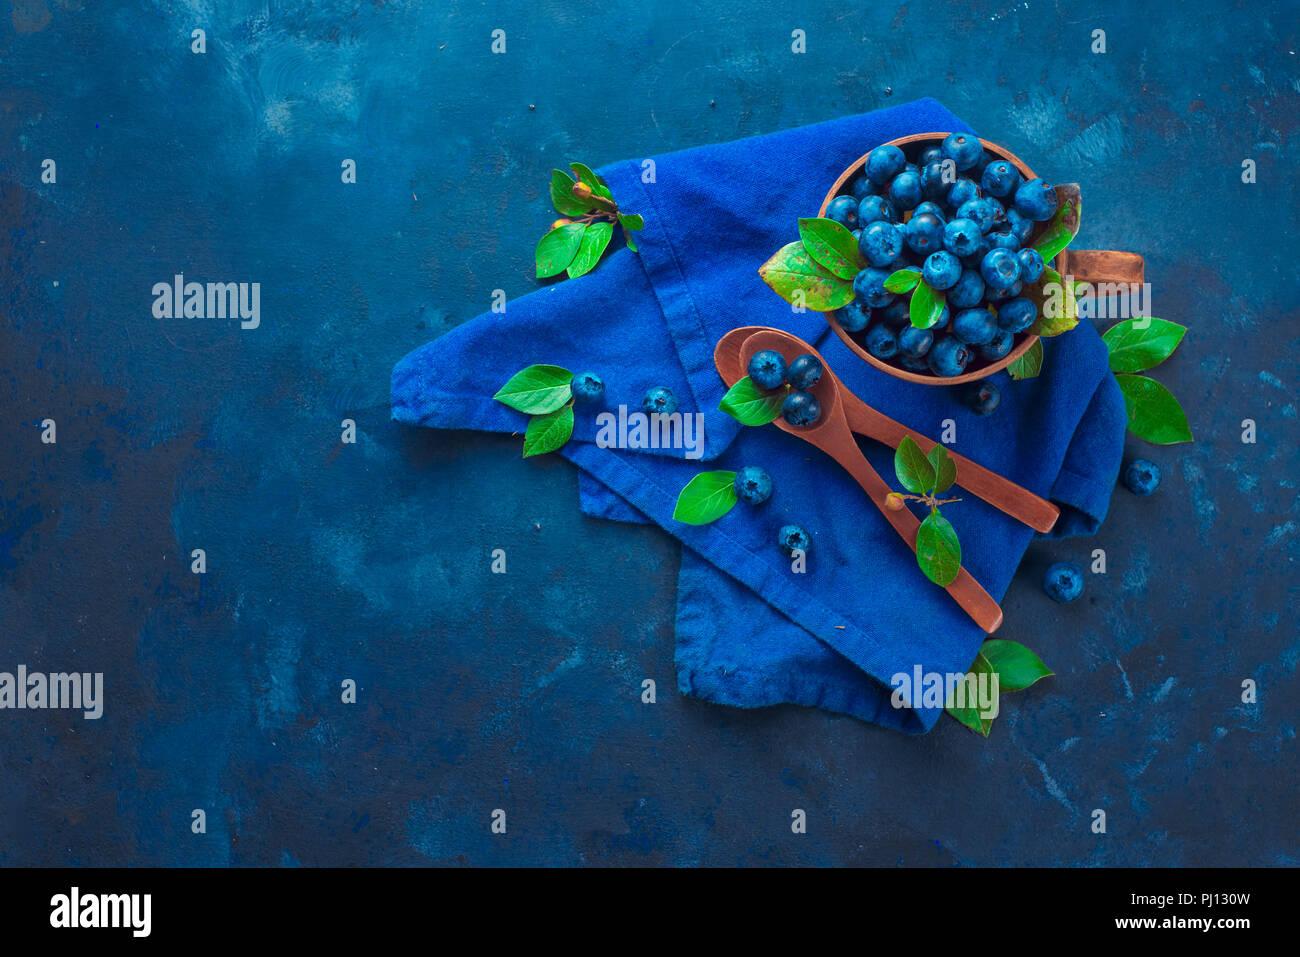 La récolte de petits fruits d'été concept sur un fond bleu foncé avec l'exemplaire de l'espace. Les bleuets dans une tasse en céramique mise à plat. Vue supérieure de la photographie alimentaire Photo Stock